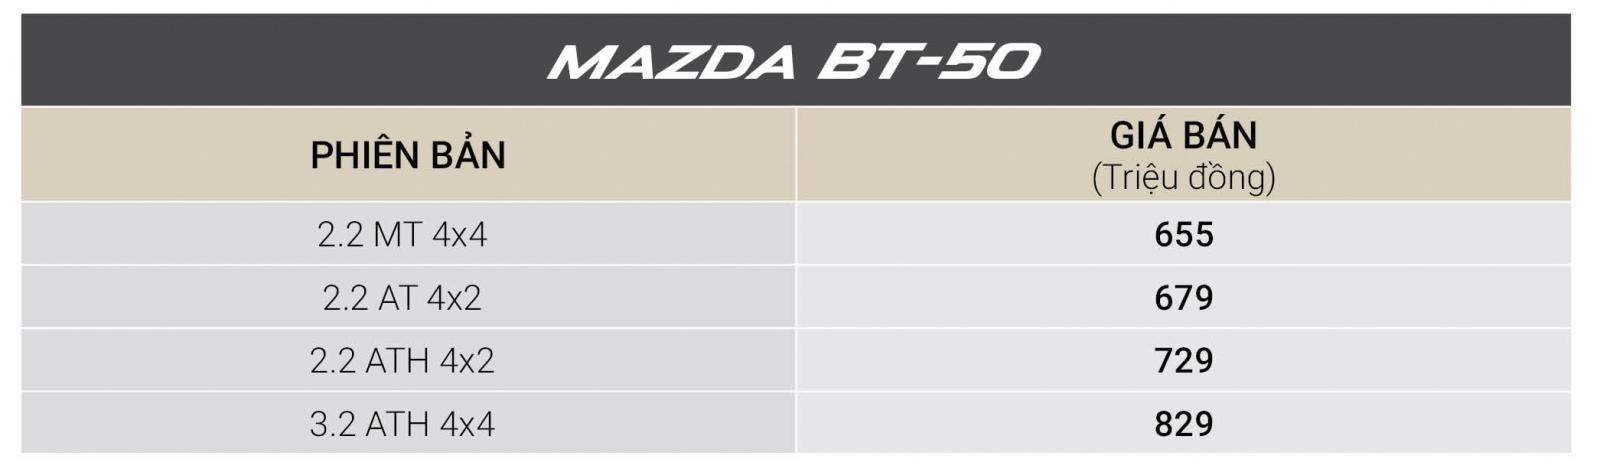 Tháng 12/2018, tất cả xe Mazda được giảm giá cao nhất đến 30 triệu đồng a7